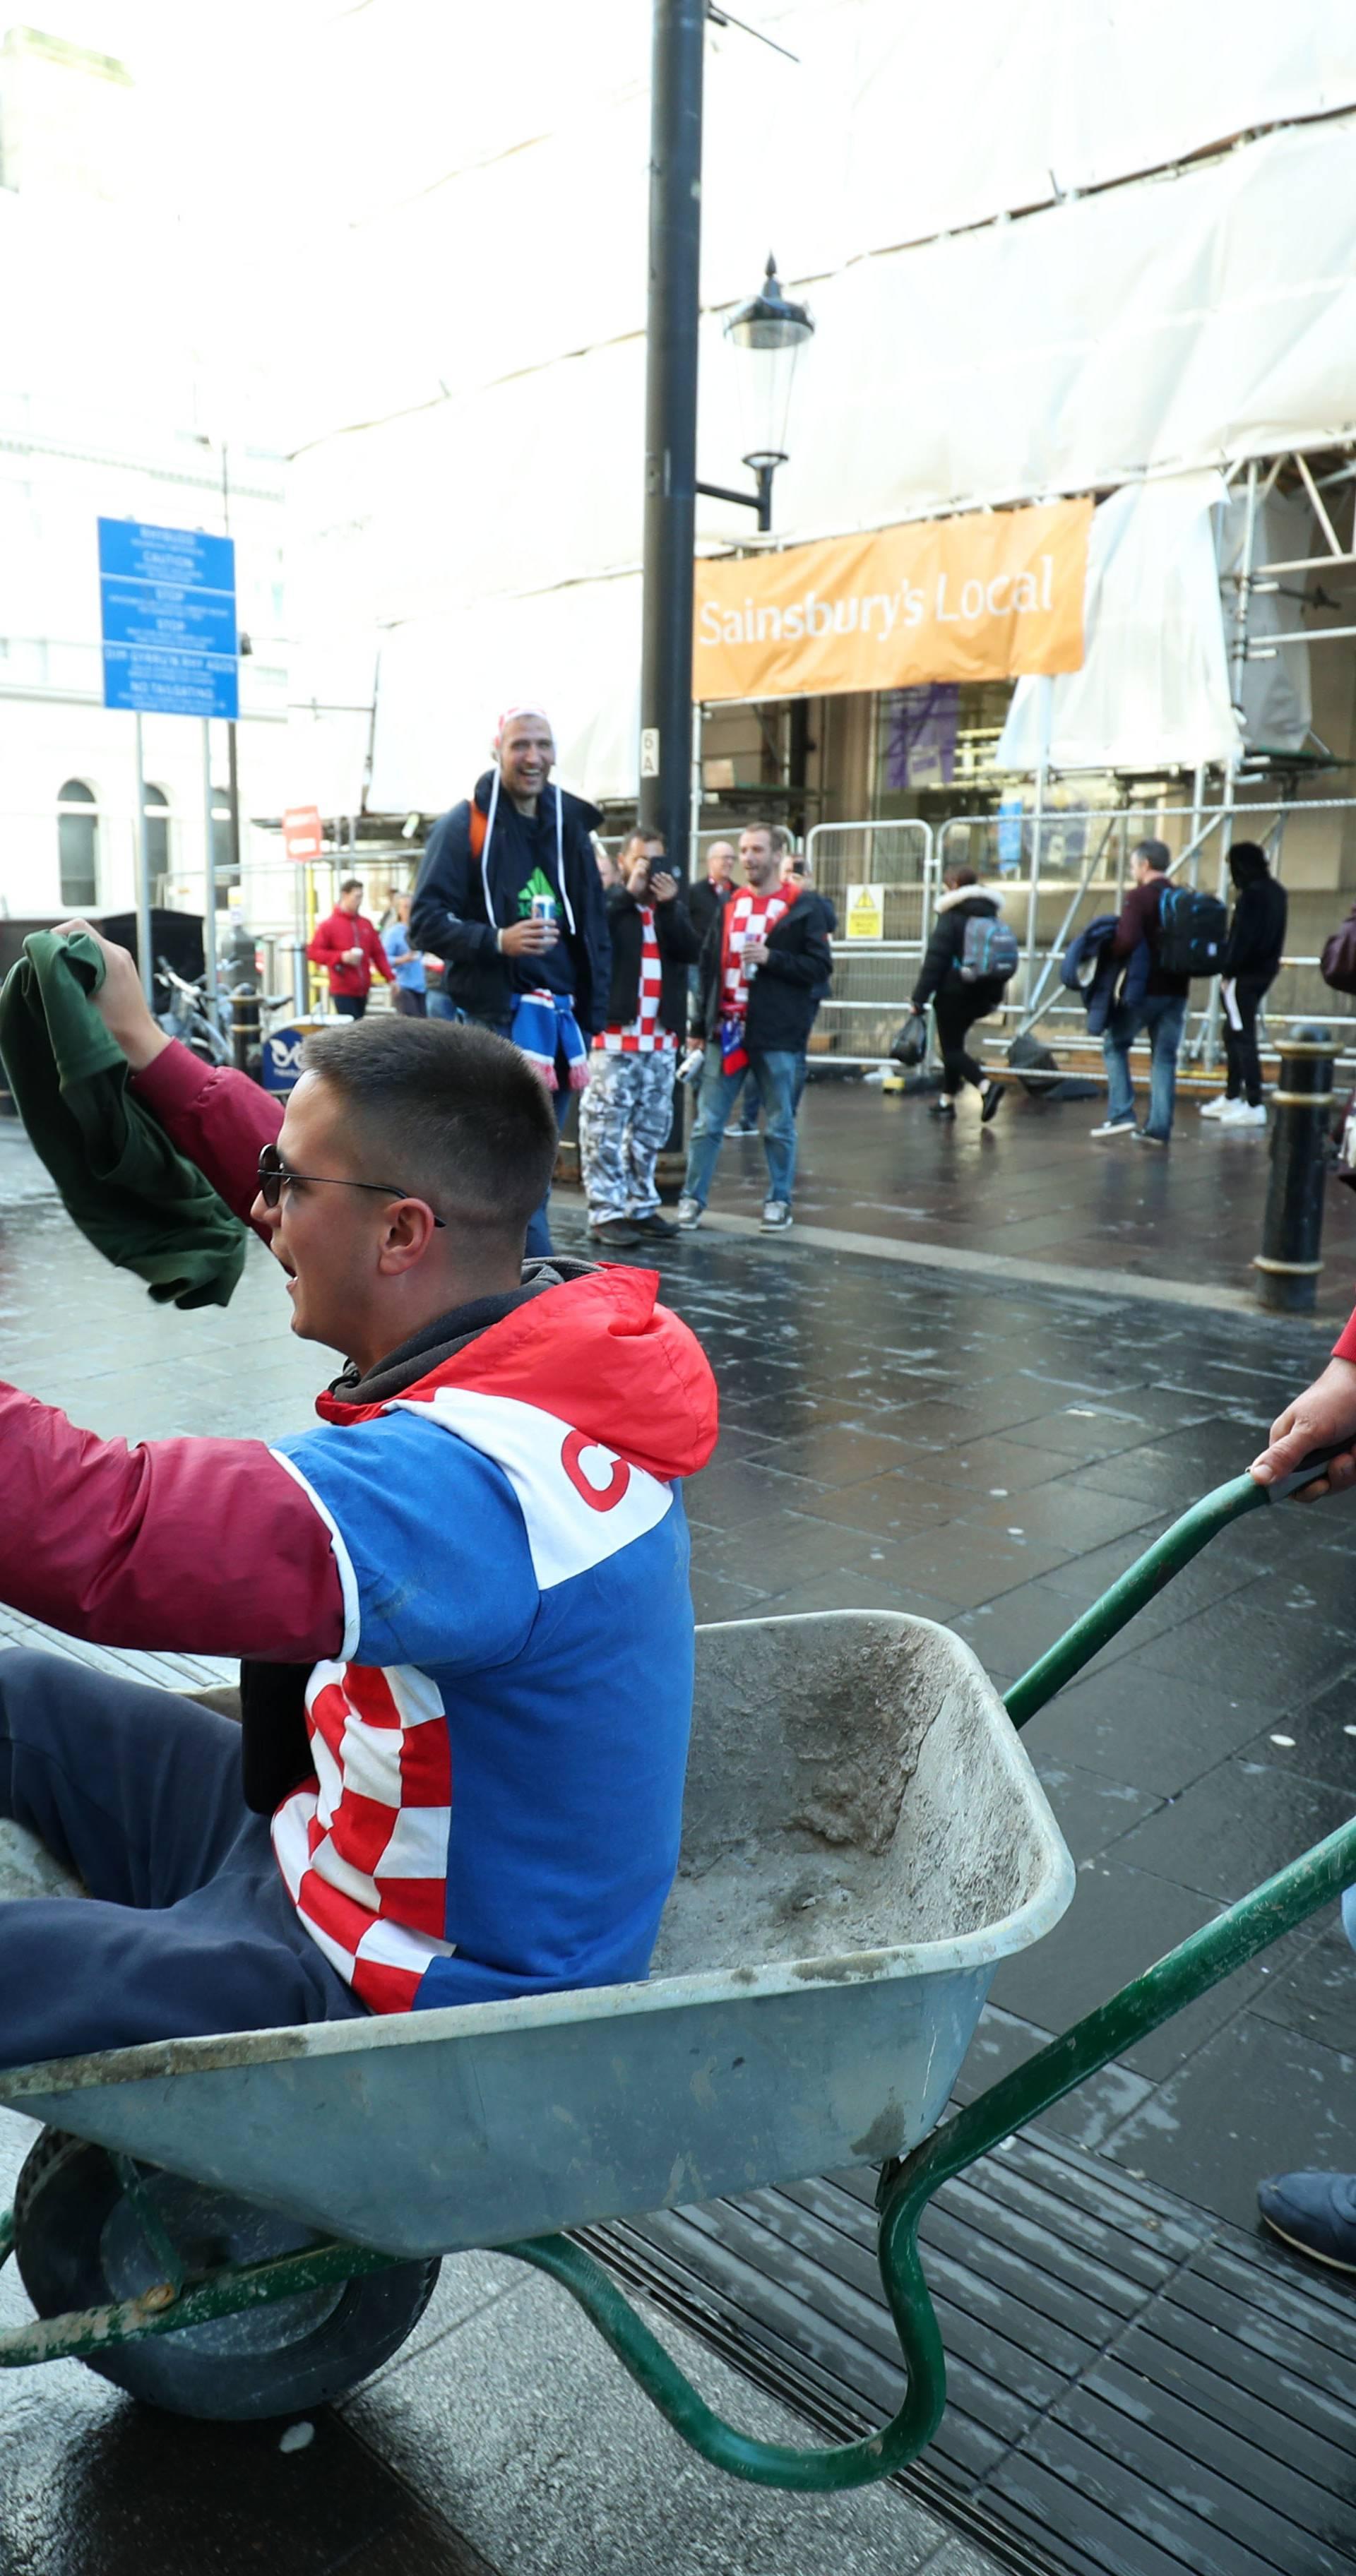 Na stadion samo trijezni, bez kapa, marama, pa čak i šalova